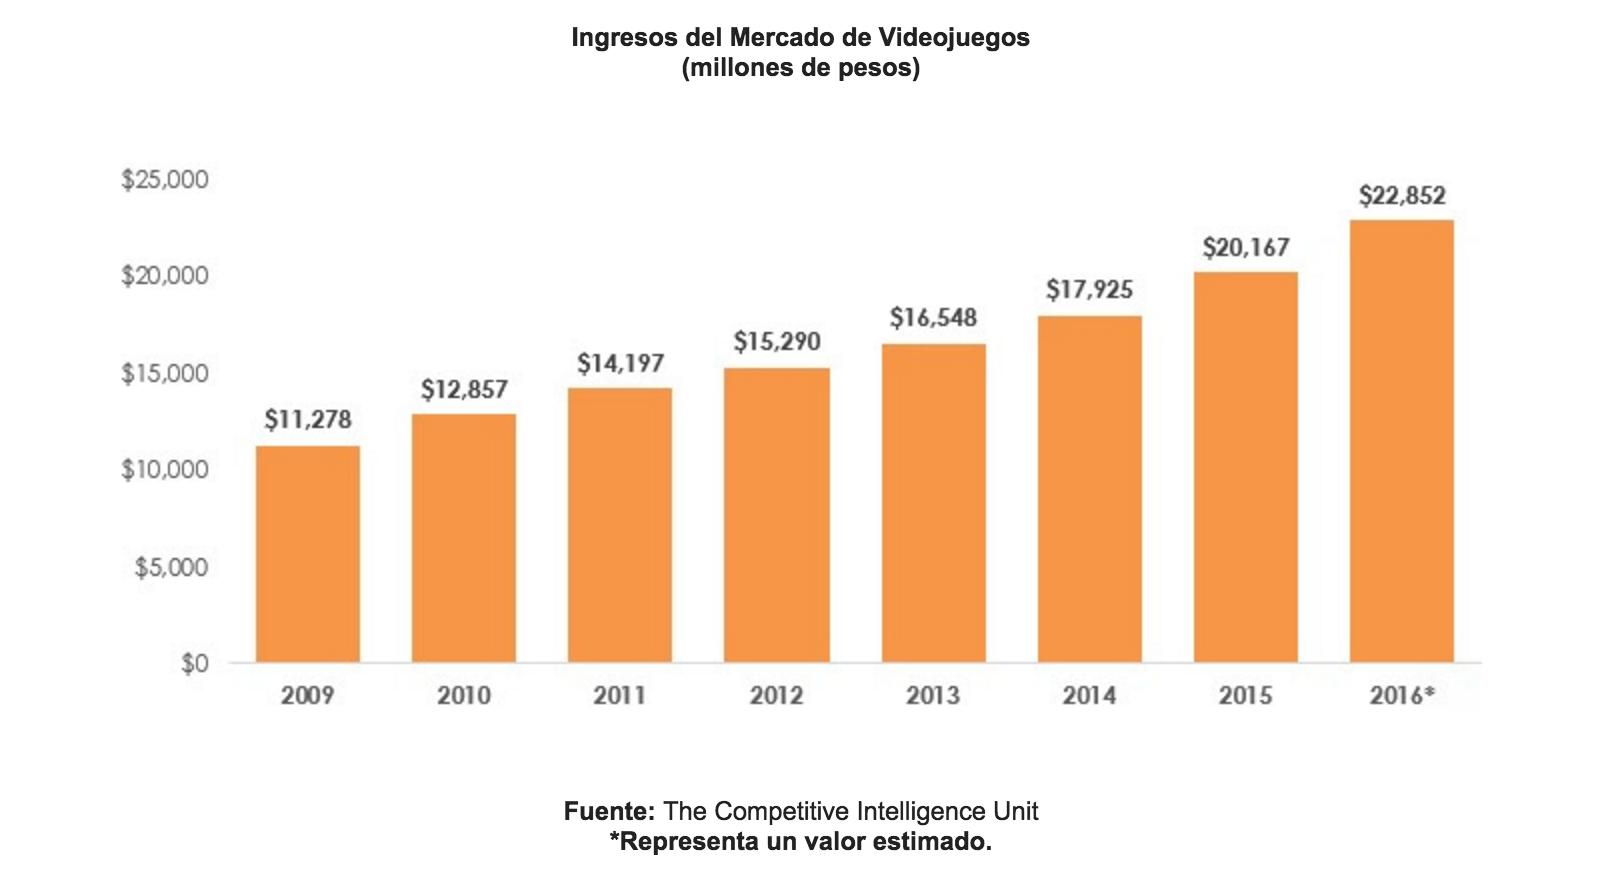 The CIU. Ingresos del mercado de videojuegos en México 2016.